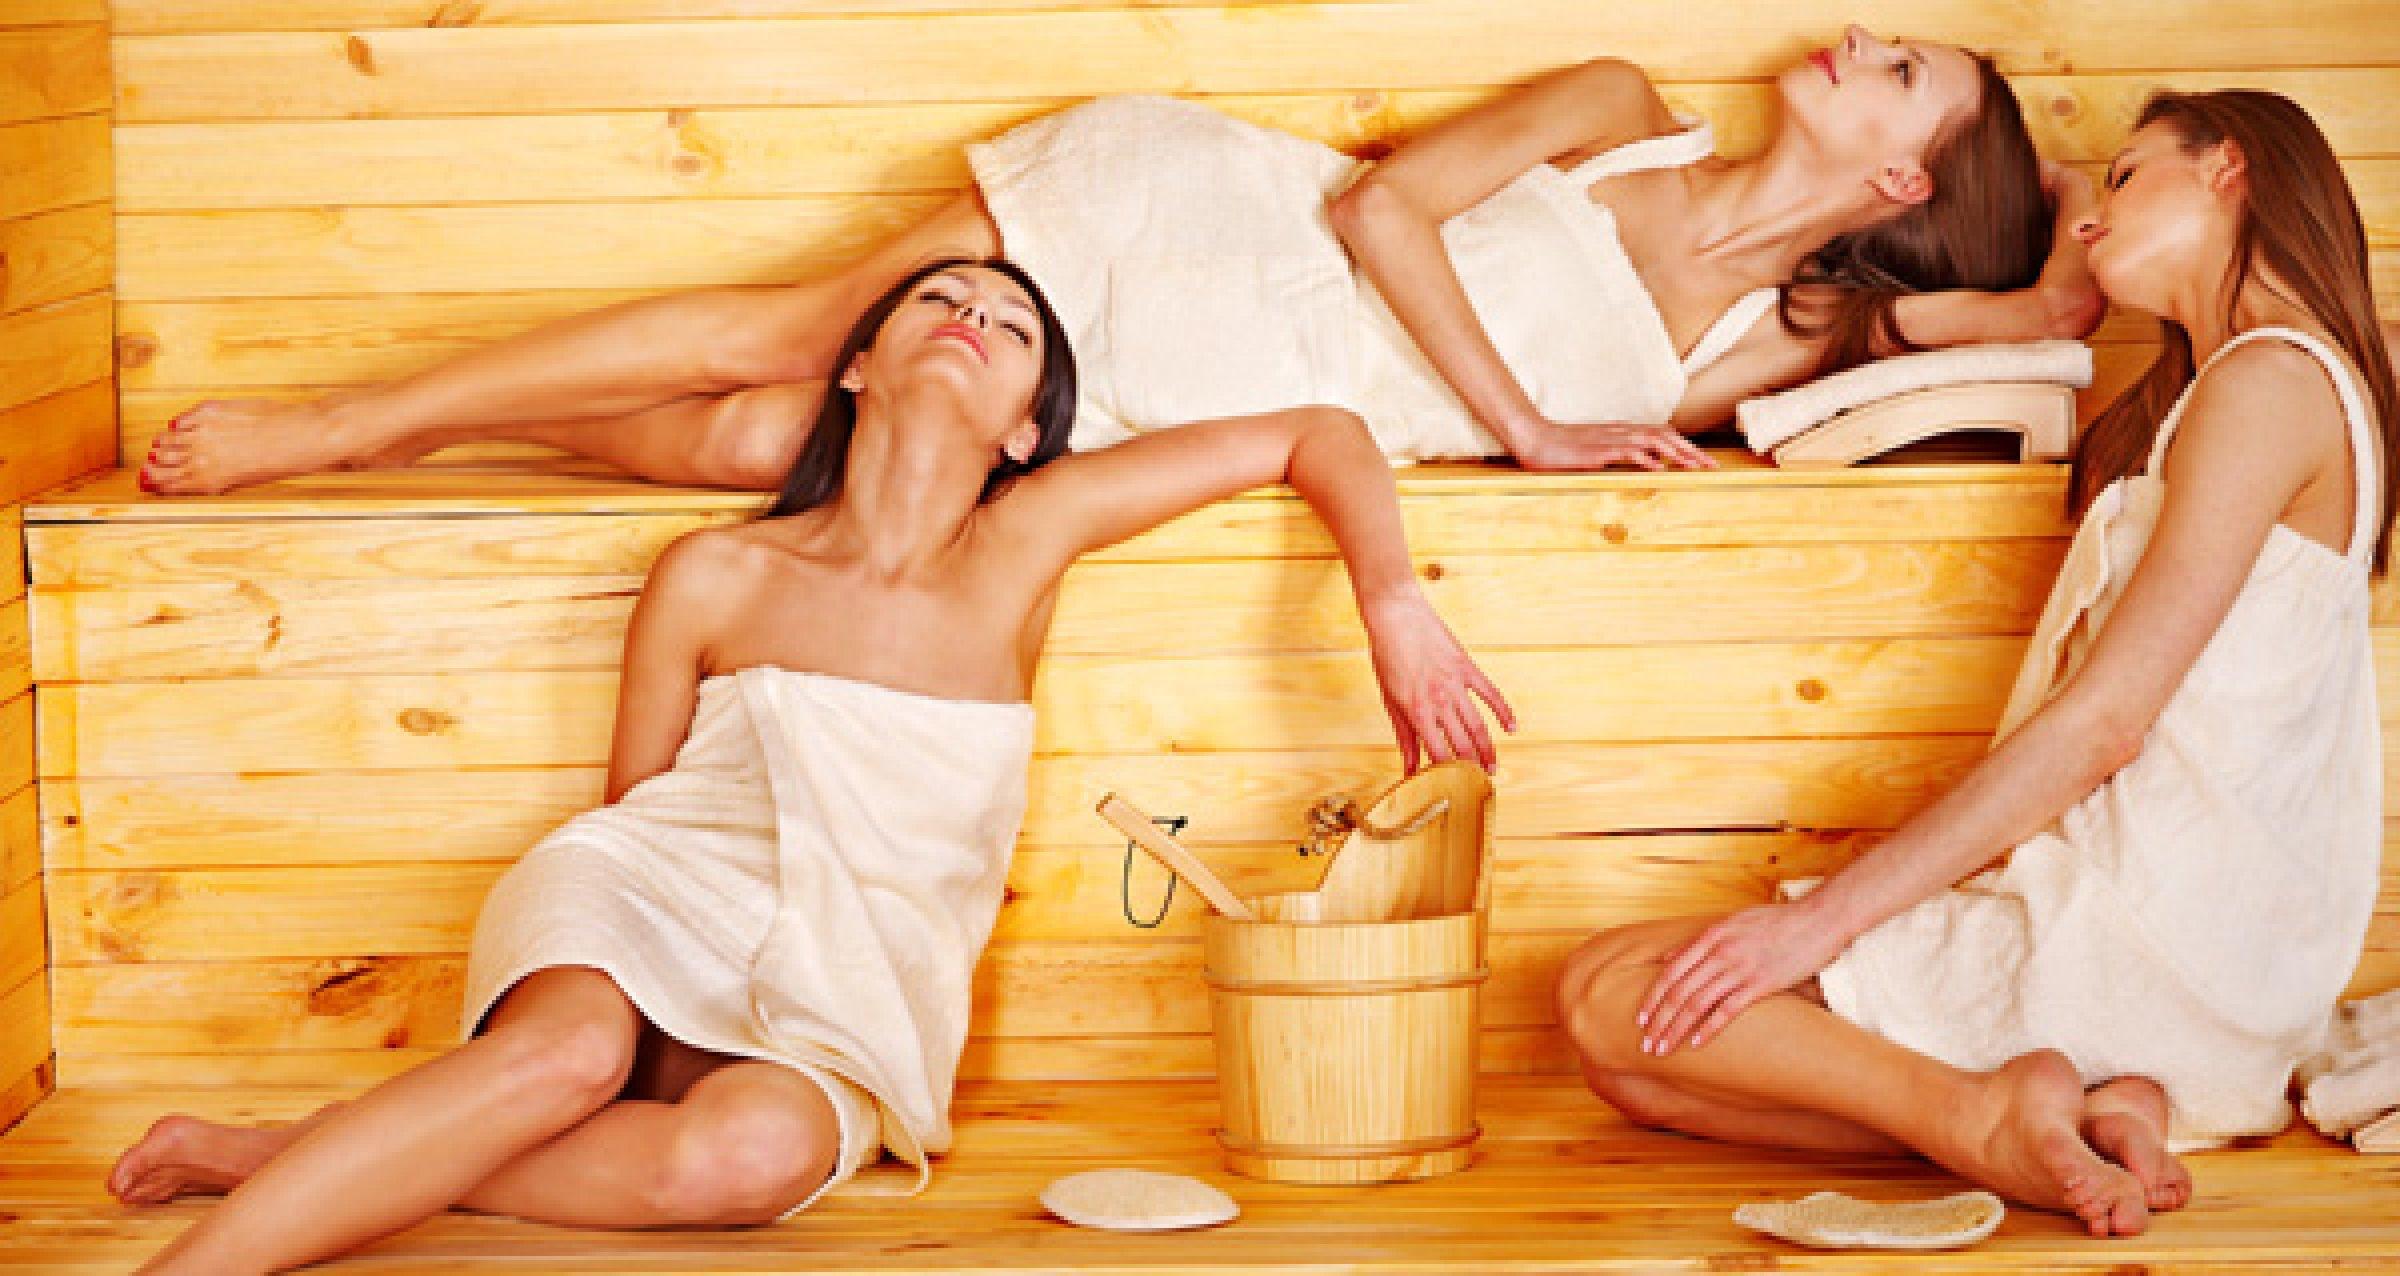 Спят в бане, Сонник Спать в бане видеть. К чему снится Спать в бане 22 фотография